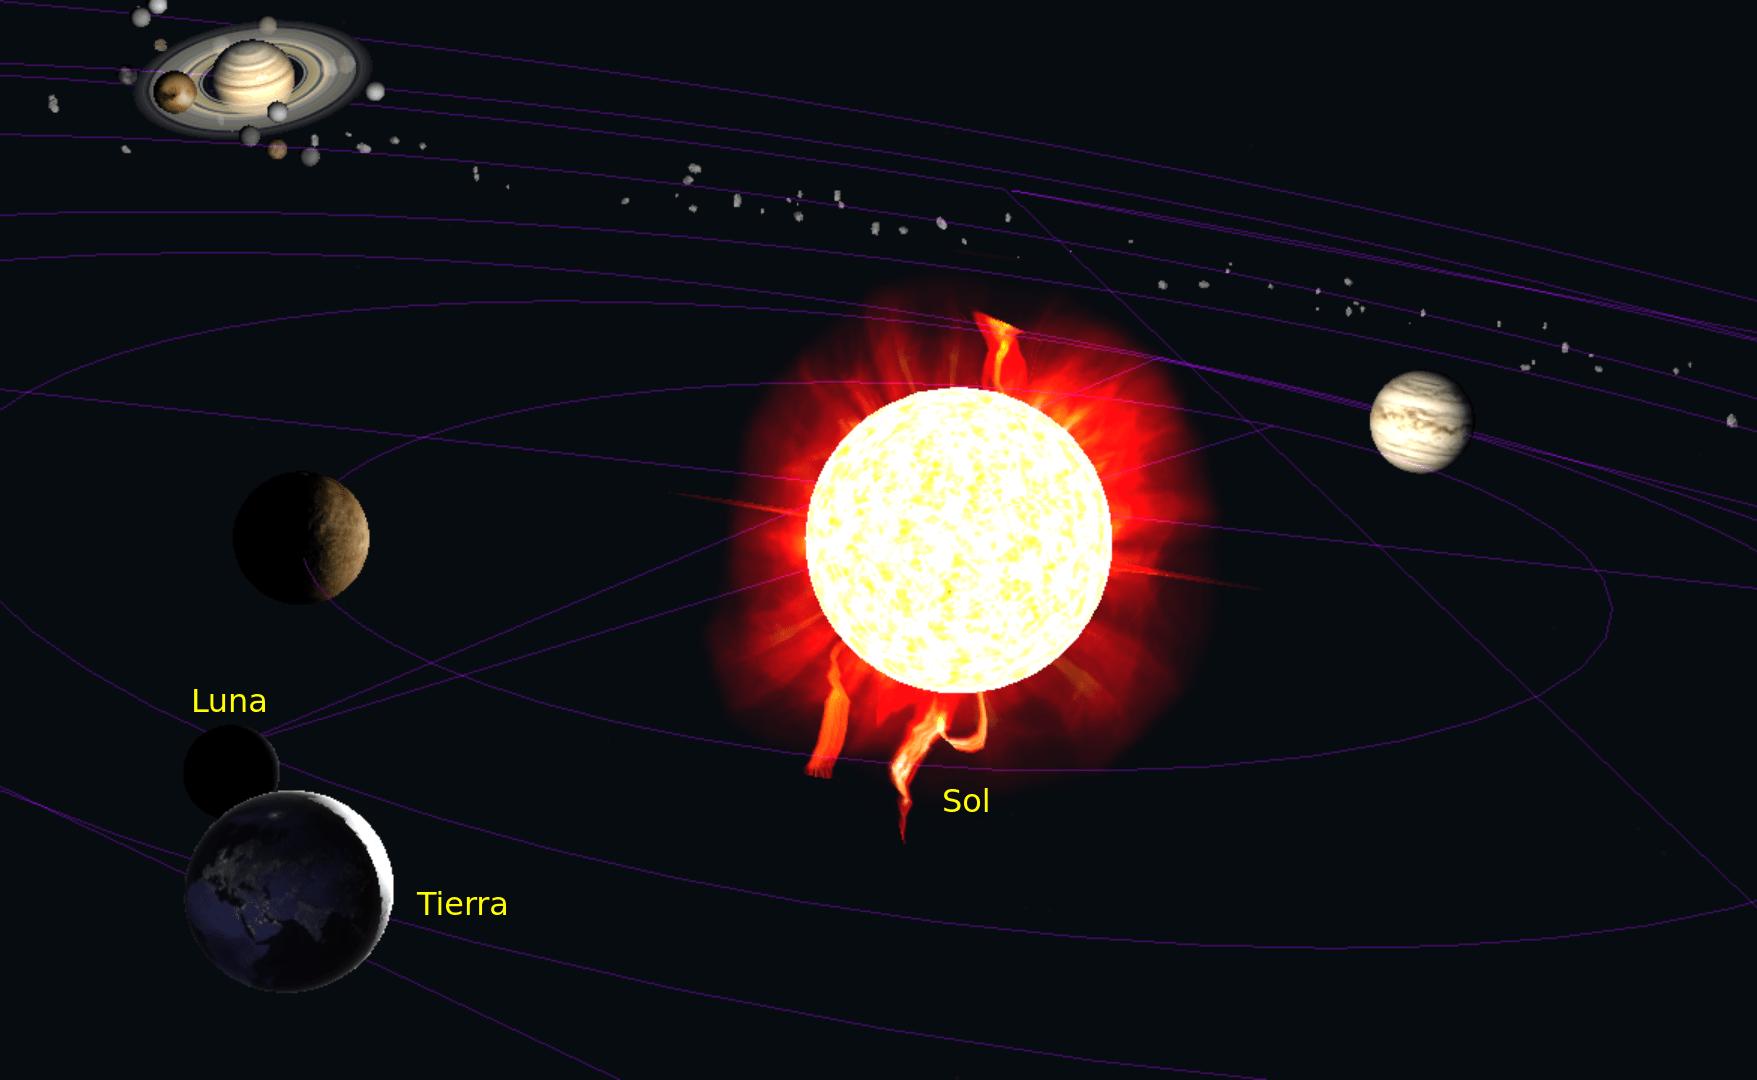 Posición actual de la luna con relación al planeta Tierra y el Sol.